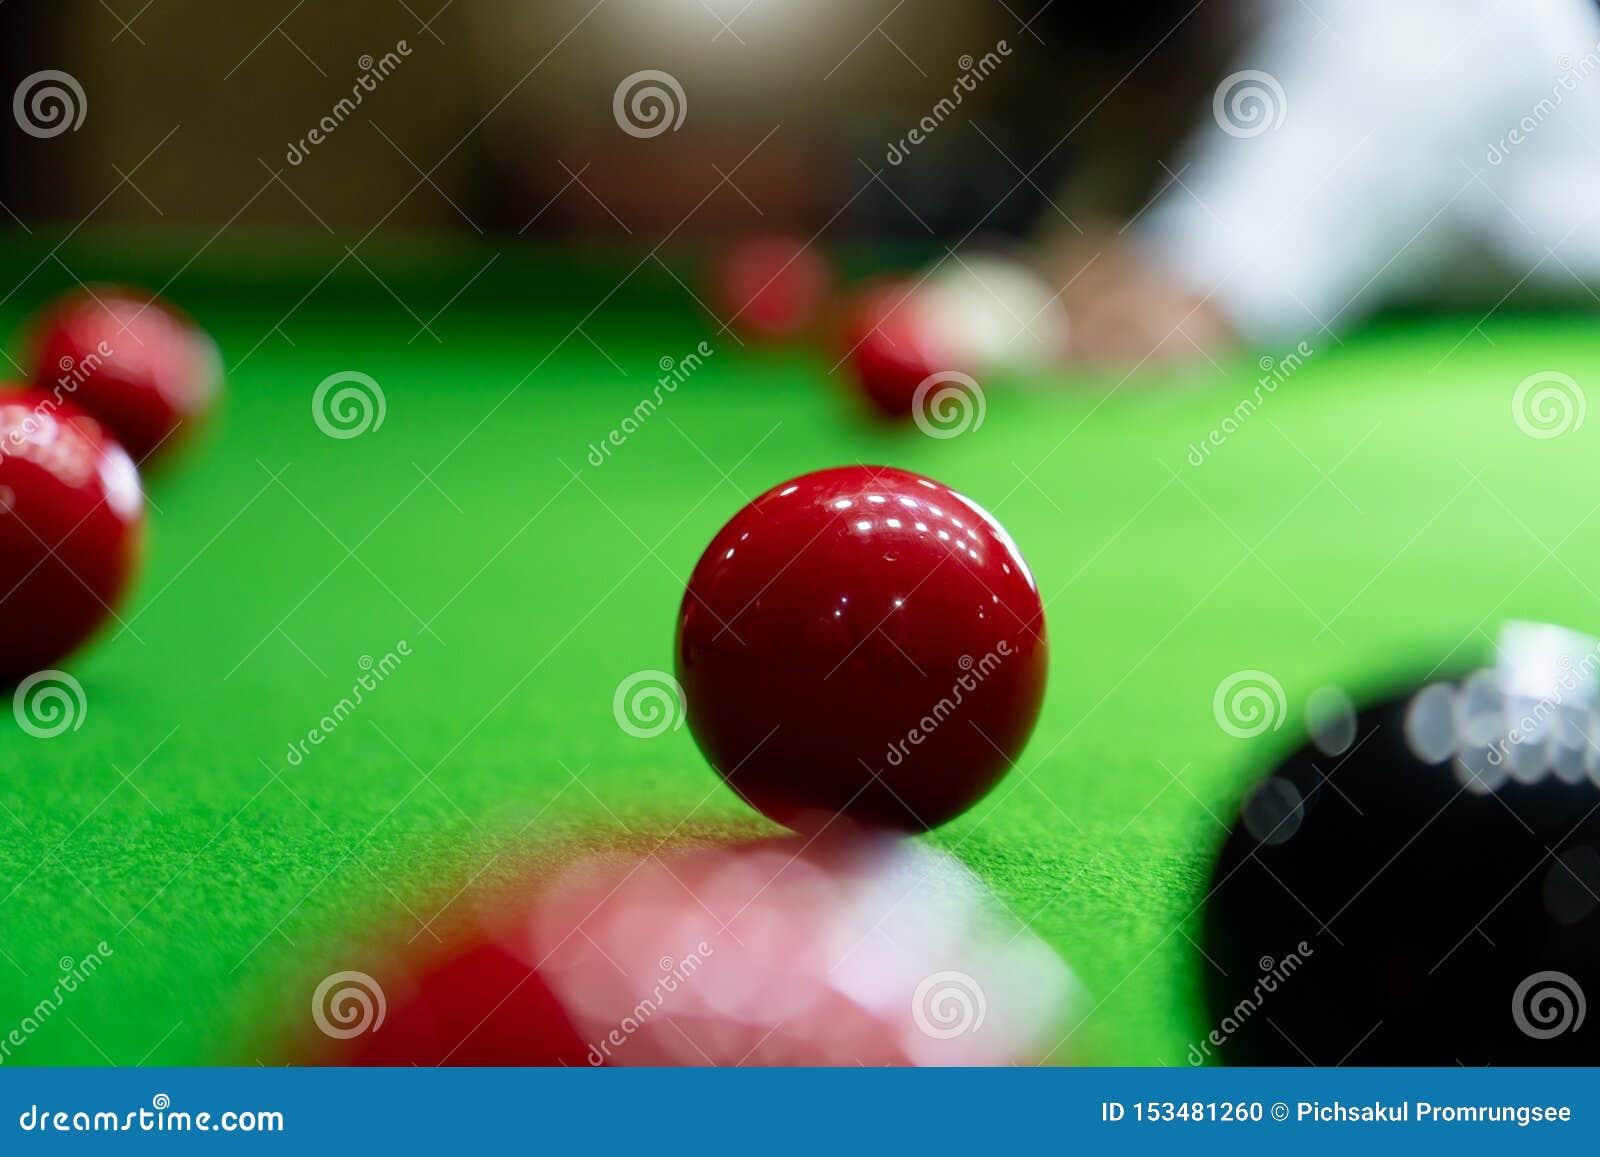 Gemowi snookerów billiards lub otwarcie ramowy gracz gotowy dla piłka strzału, atleta mężczyzny kopnięcia wskazówka na zielonym s